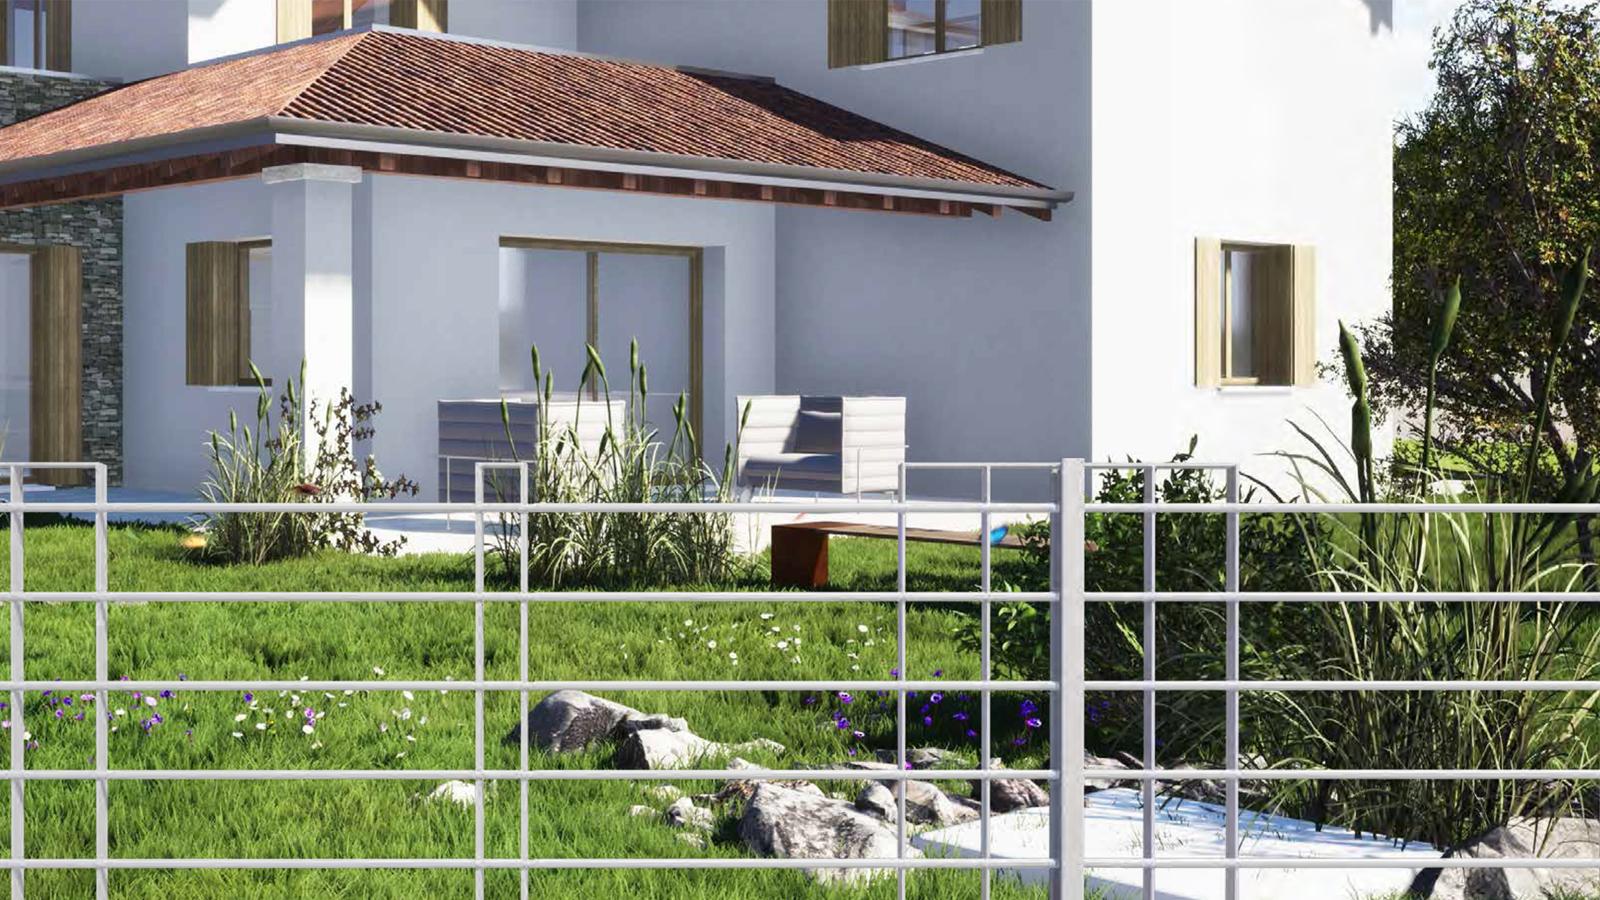 Cancelli e recinzioni - Modello Vulcano orizzontale con piantane